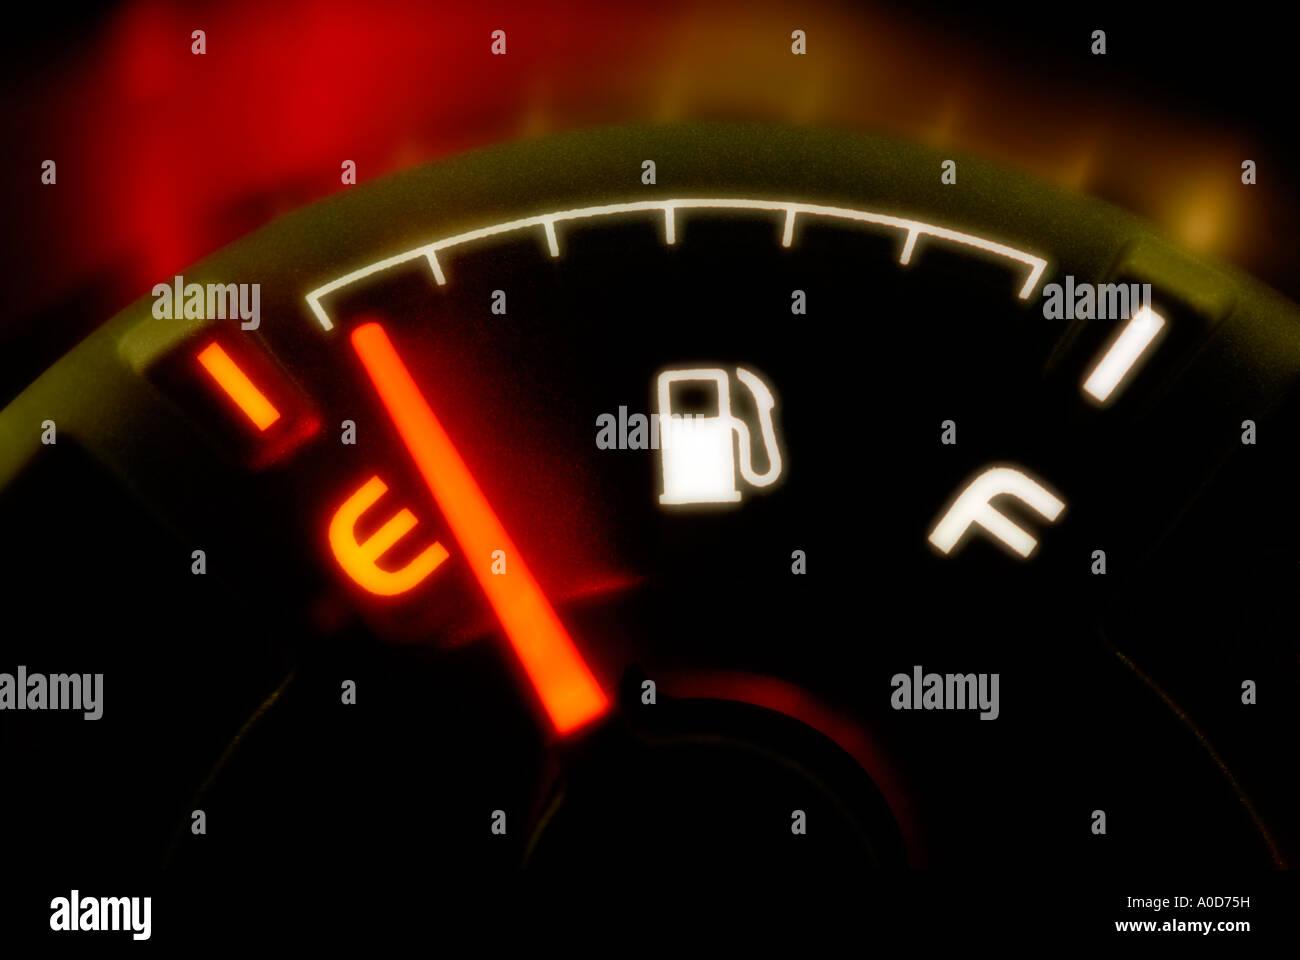 In esecuzione su vuoto. Manometro del carburante mostra vuoto. Immagini Stock